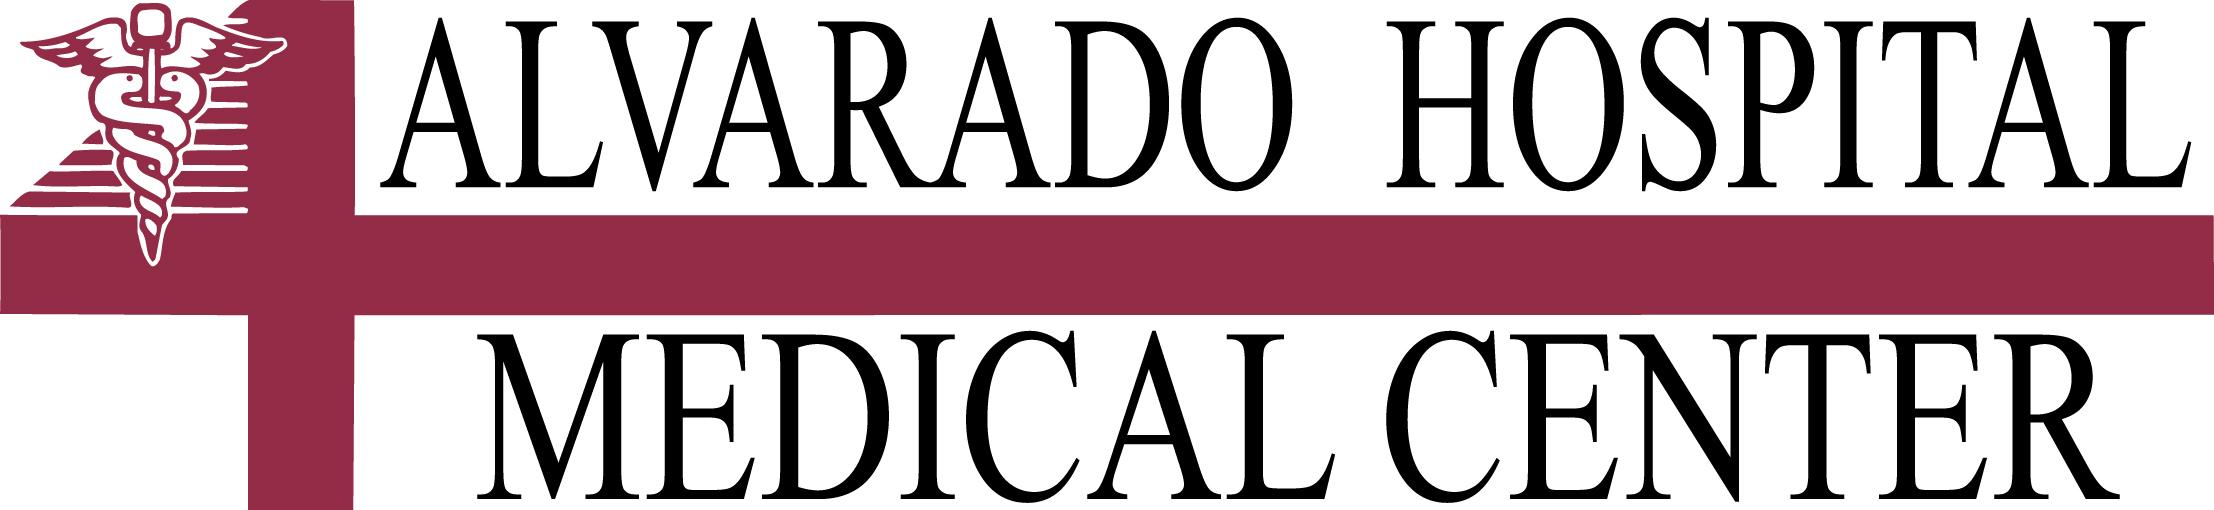 Alvarado Hospital Auxiliary